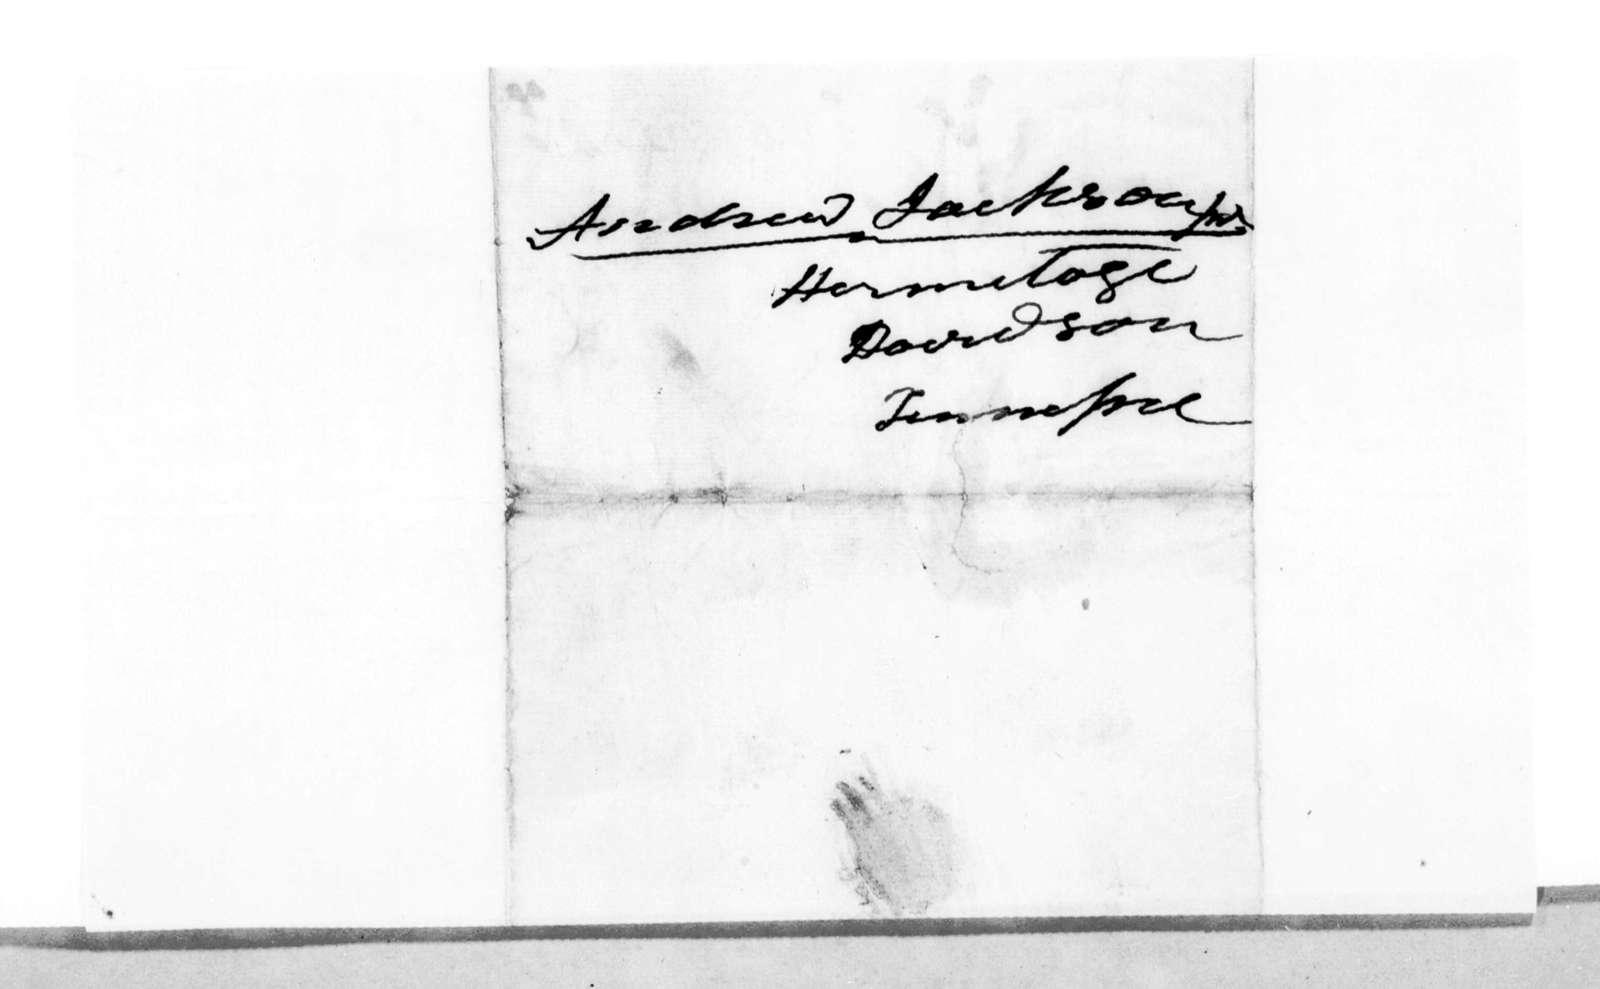 Andrew Jackson to Andrew Jackson, Jr.